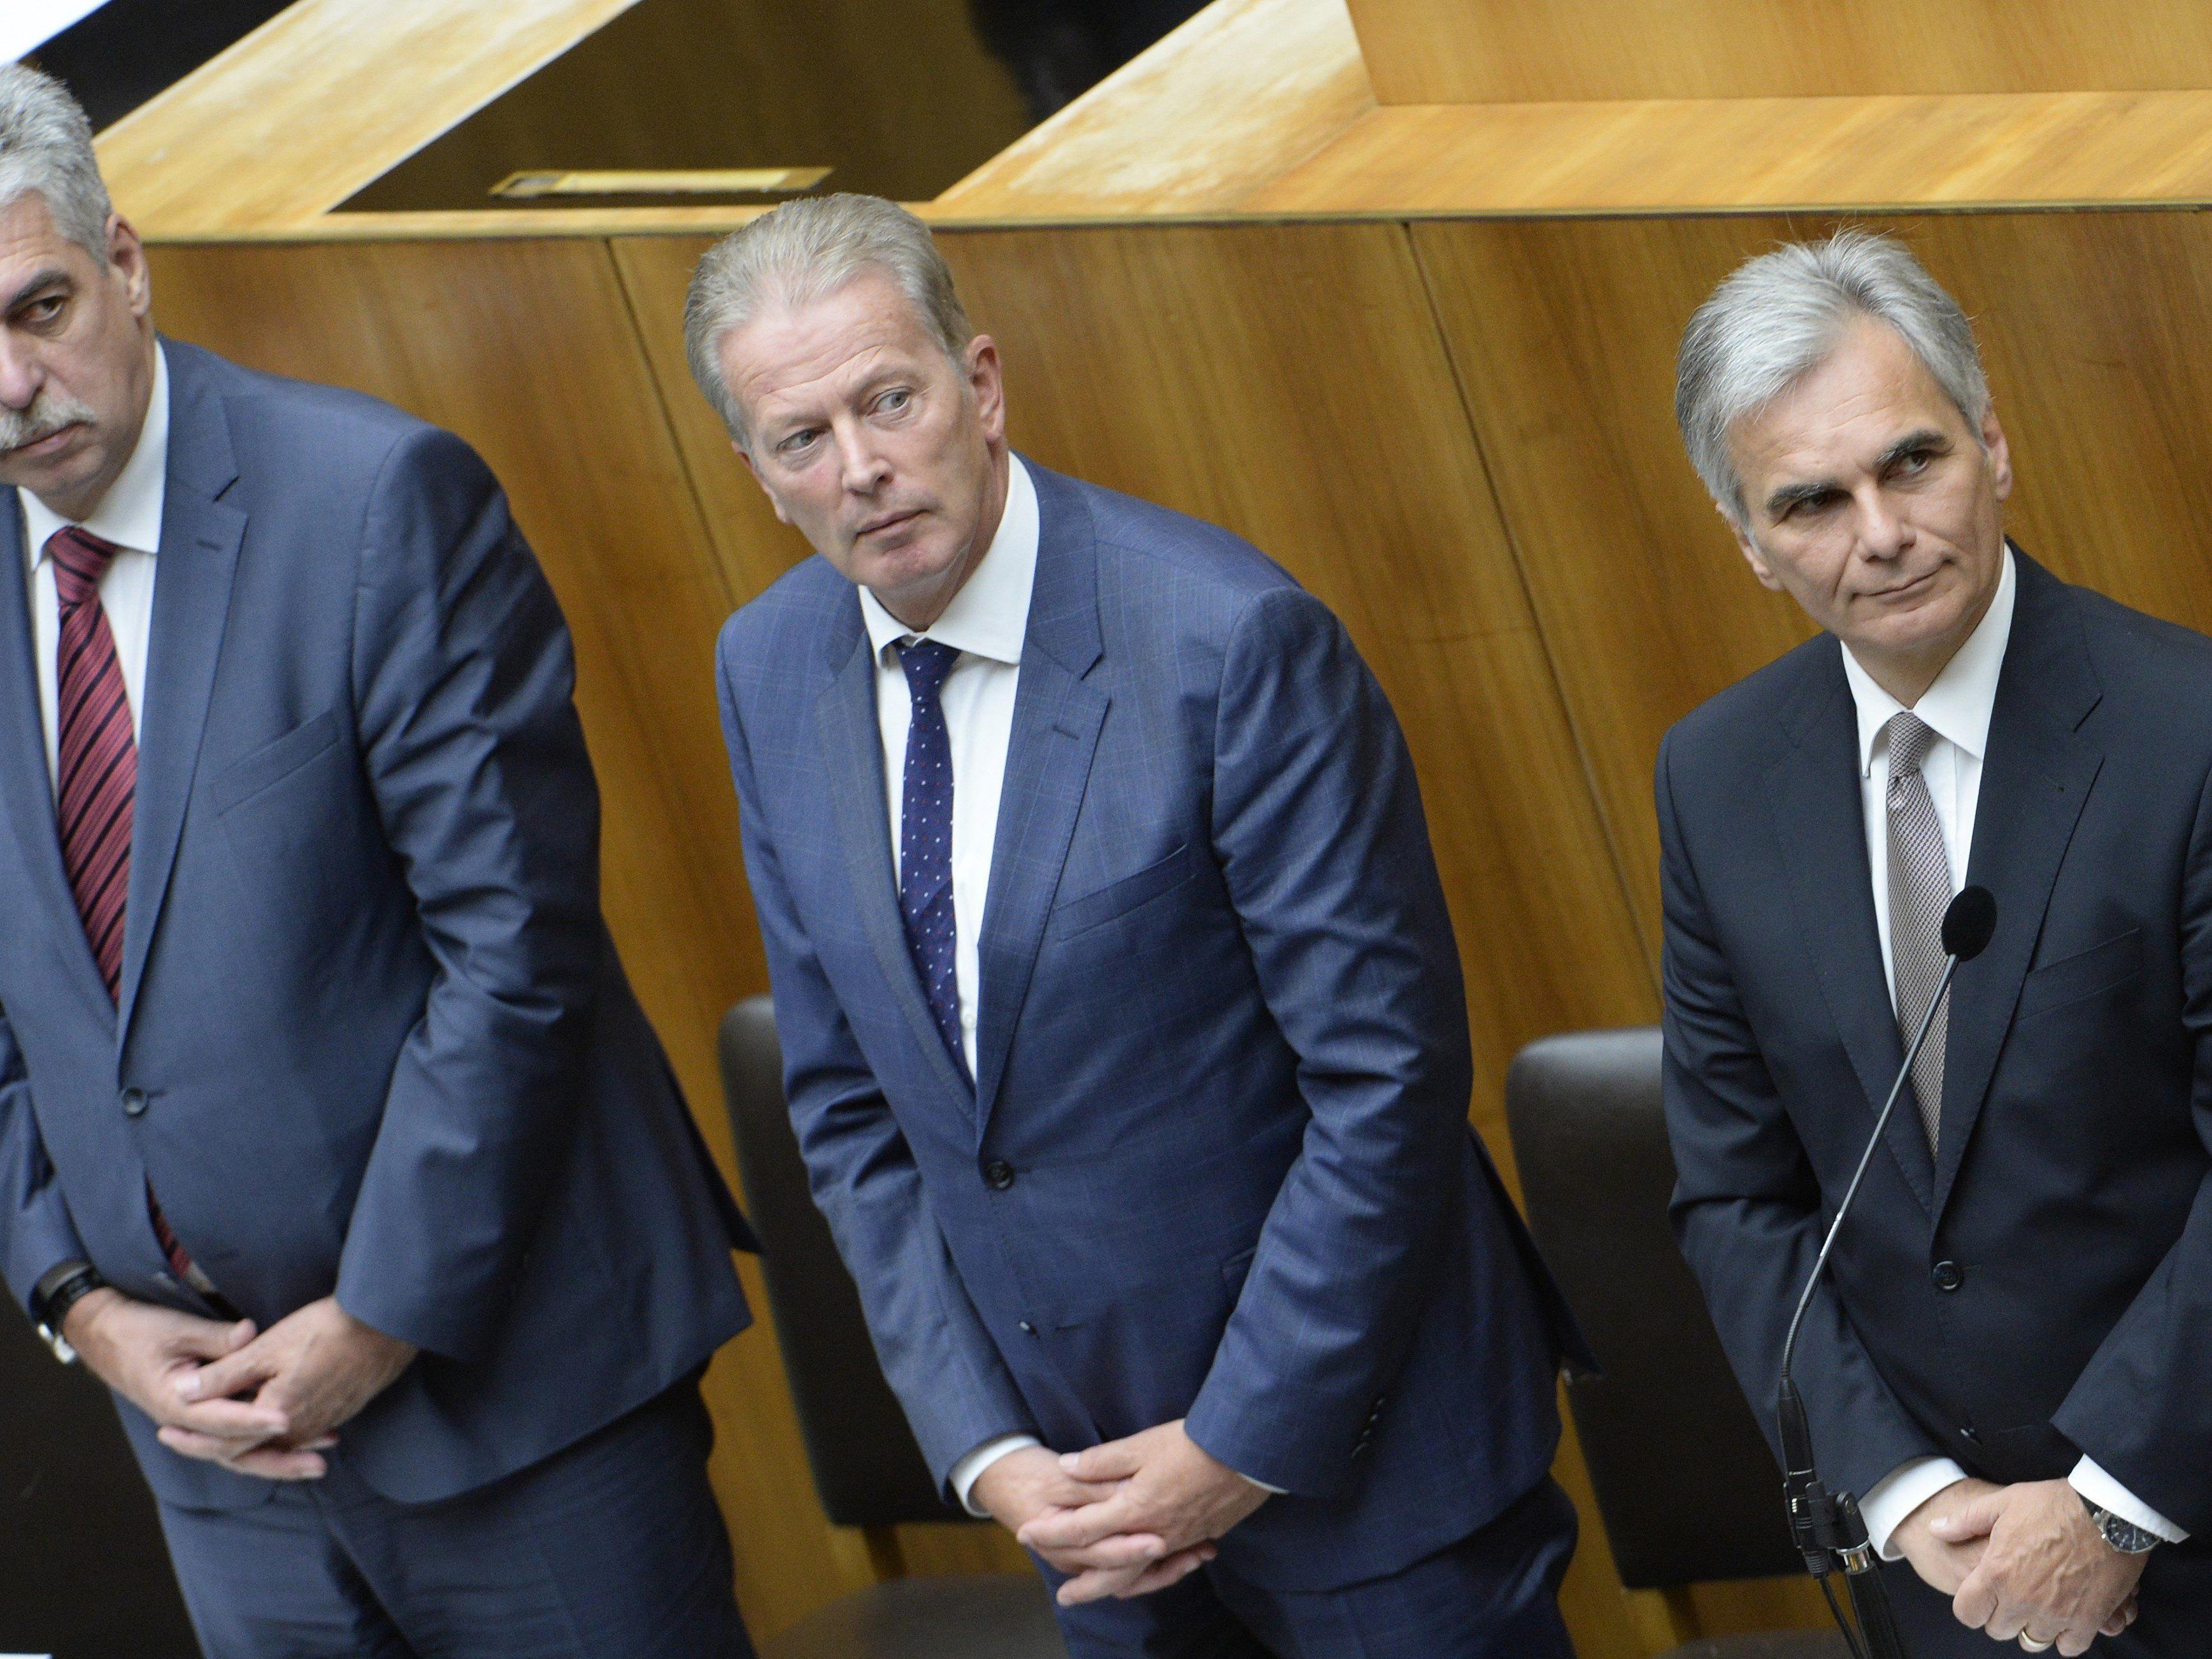 inanzminister Hans Jörg Schelling, Vizekanzler Reinhold Mitterlehner und Bundeskanzler Werner Faymann.